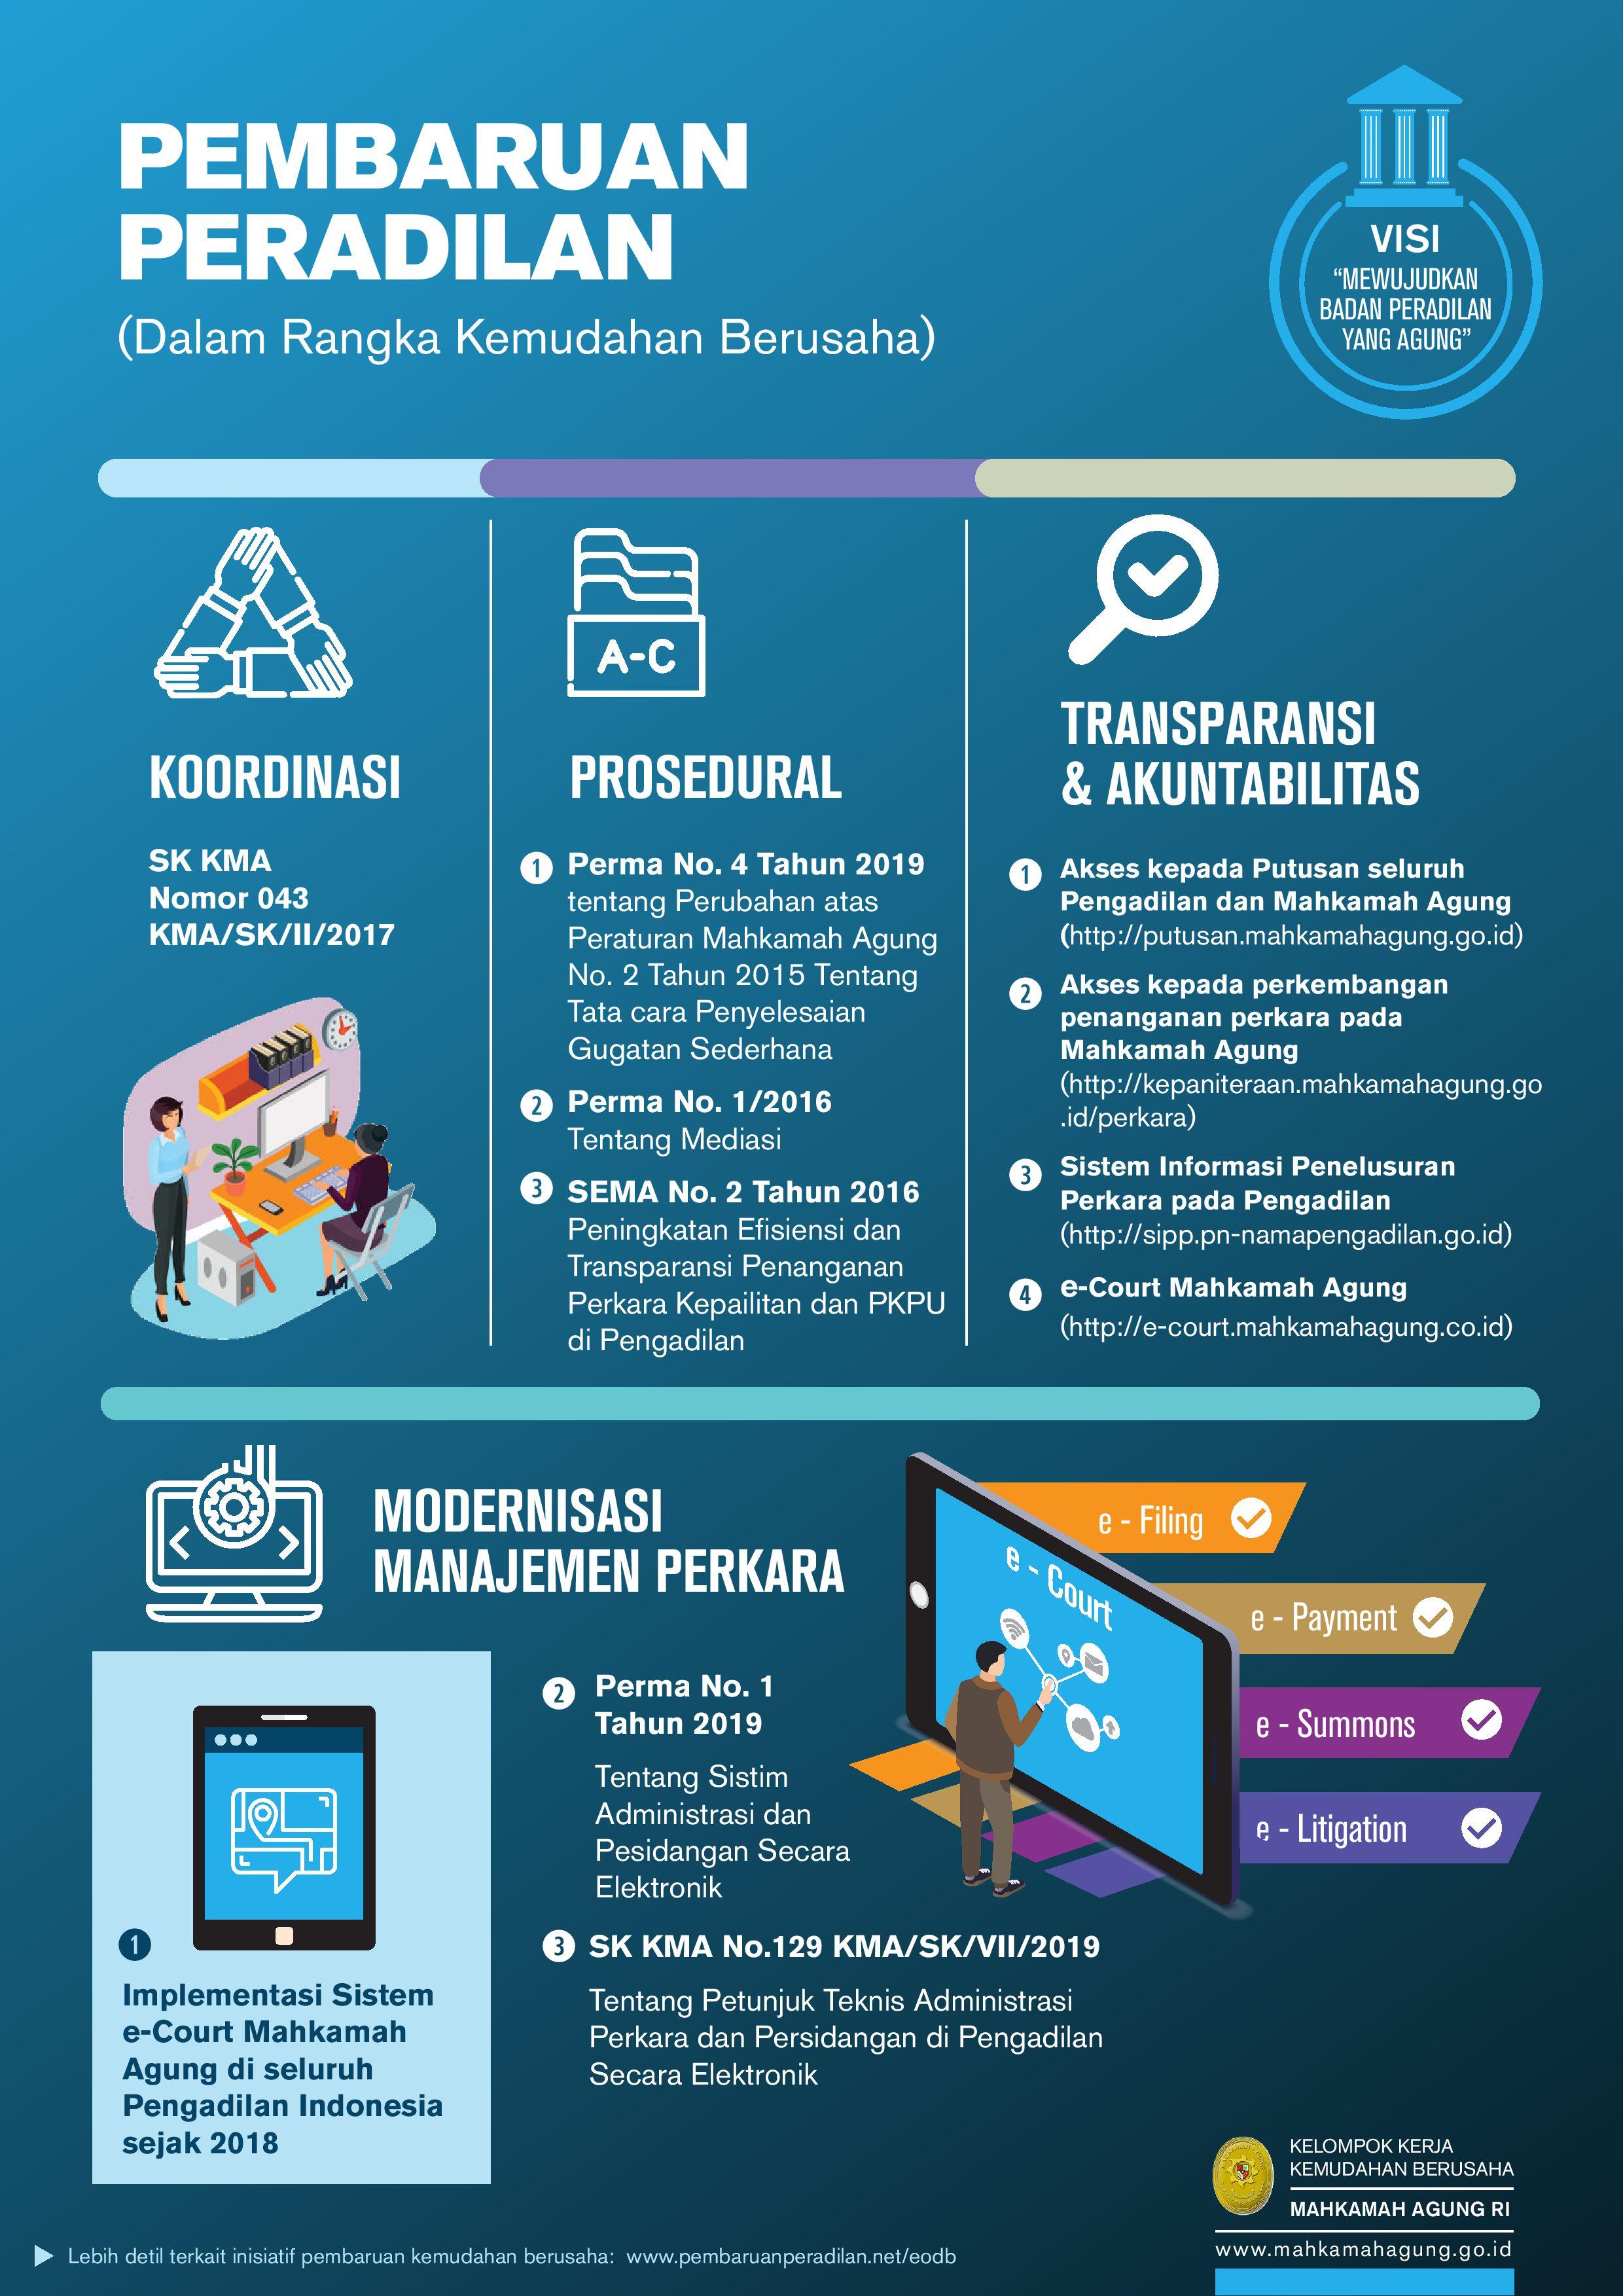 Infographic-Pembaruan_Peradilan-MA-Compiled_2020_02